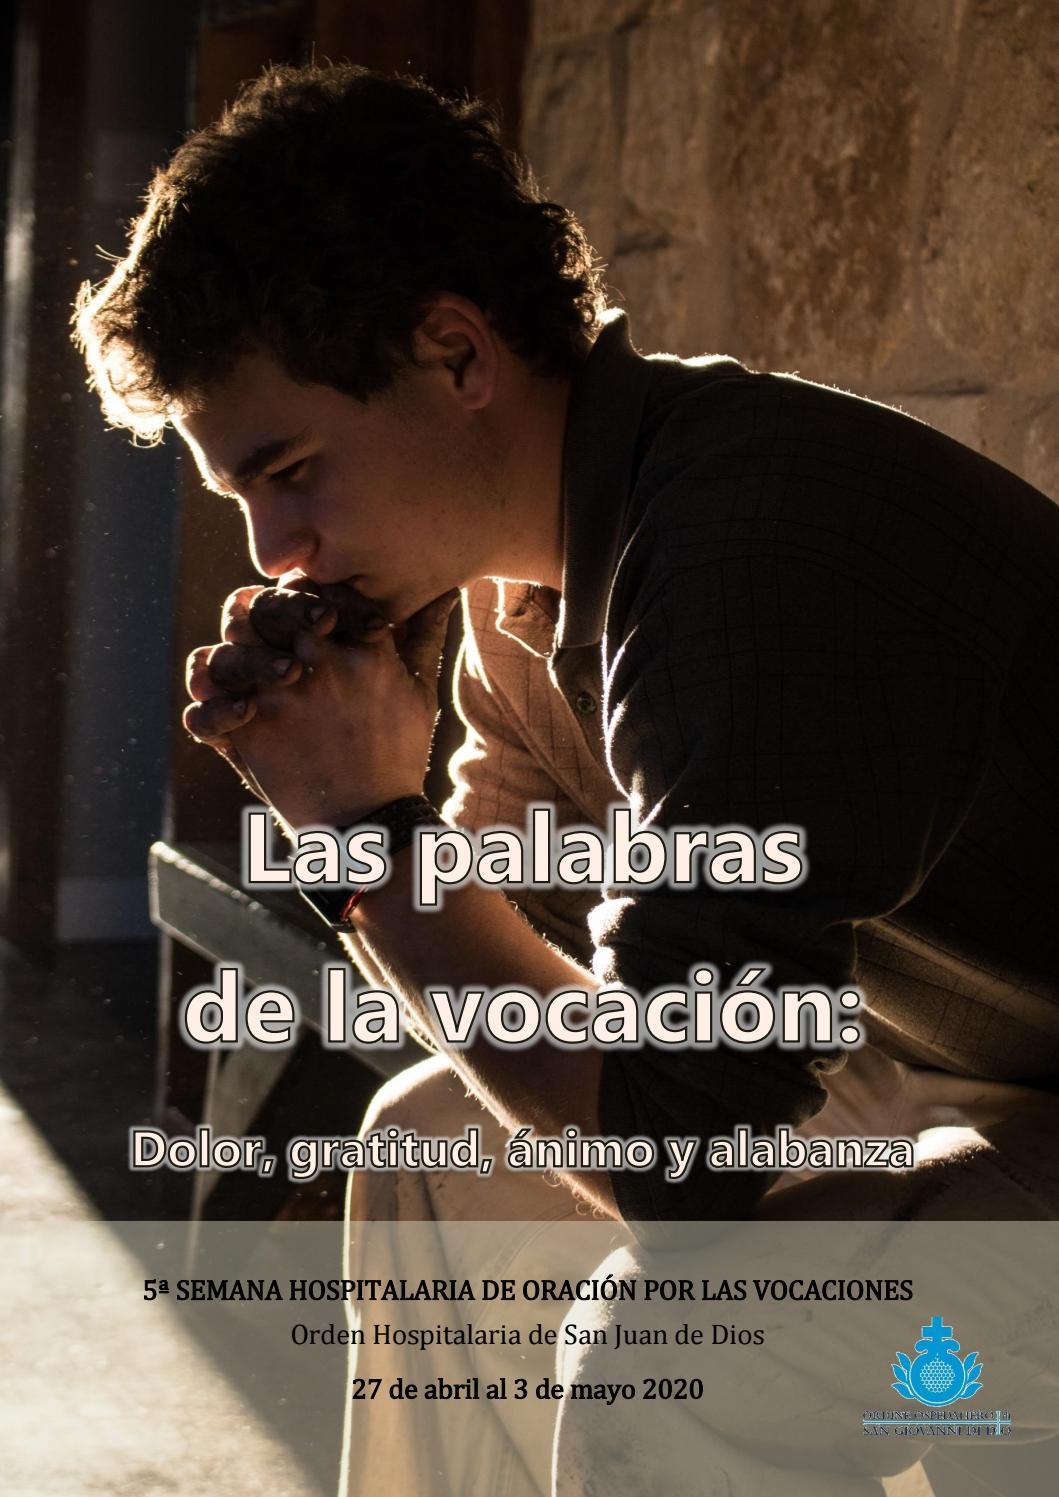 V Semana Hospitalaria De Oración Por Las Vocaciones 2020 By Jovenes San Juan De Dios Issuu